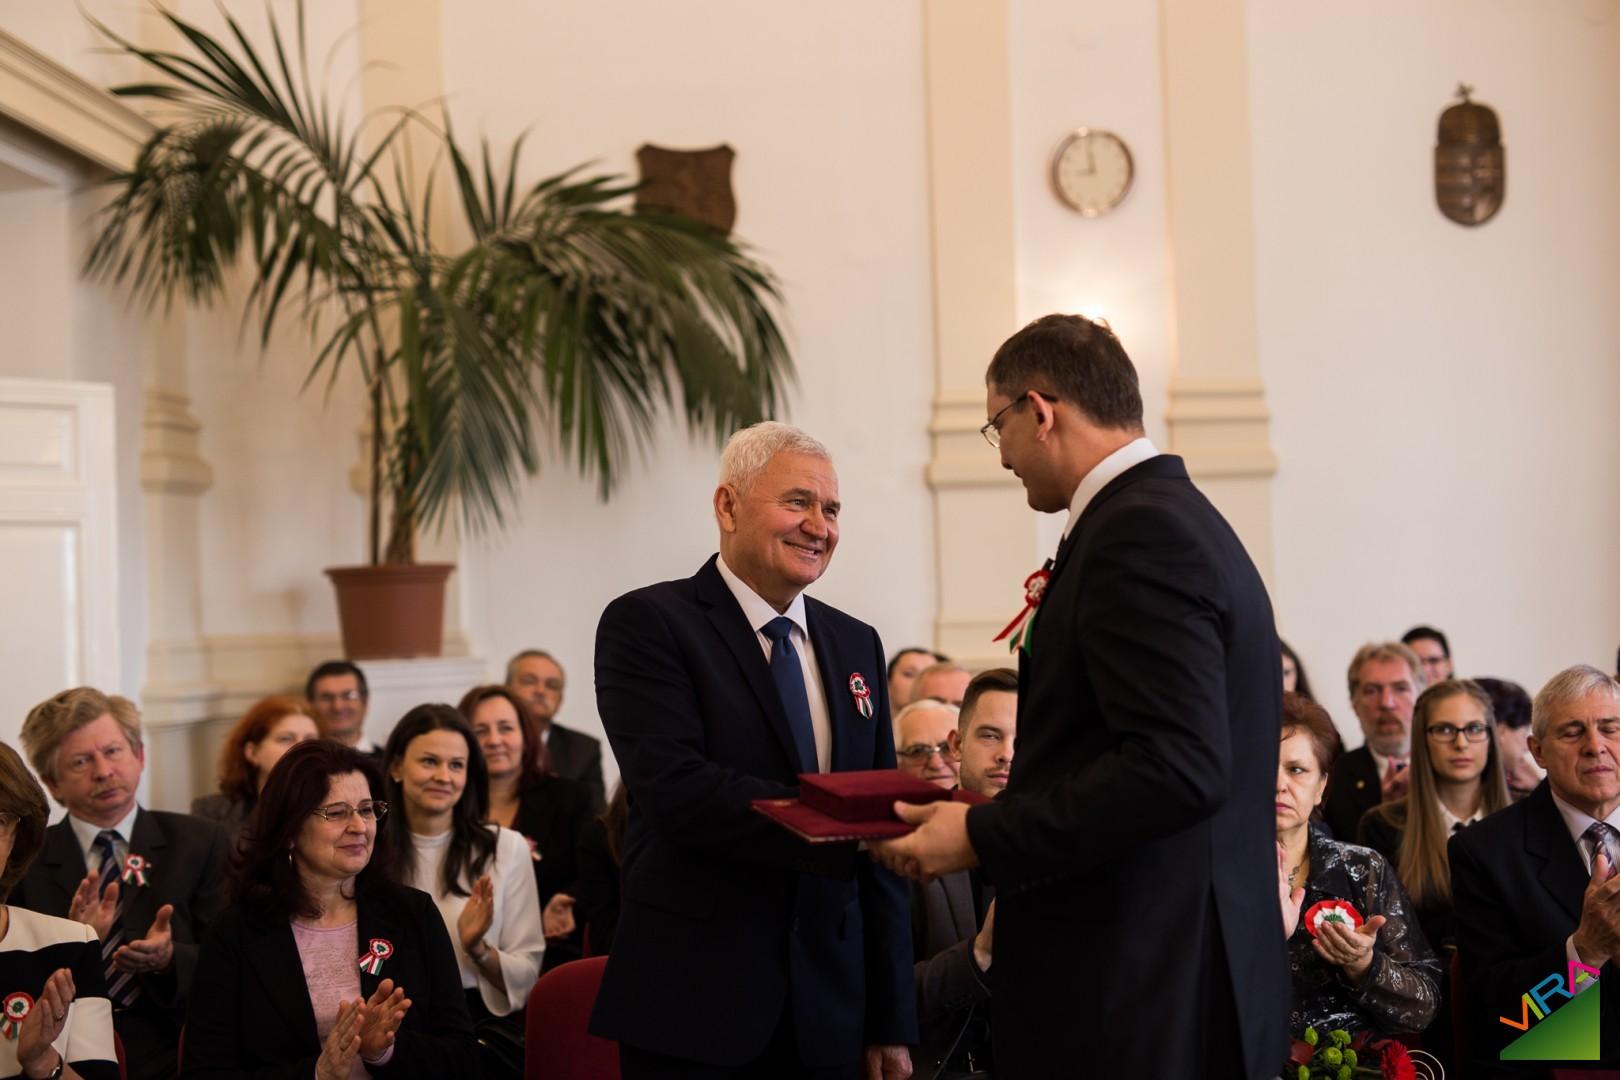 Czeffer István átveszi a díjat